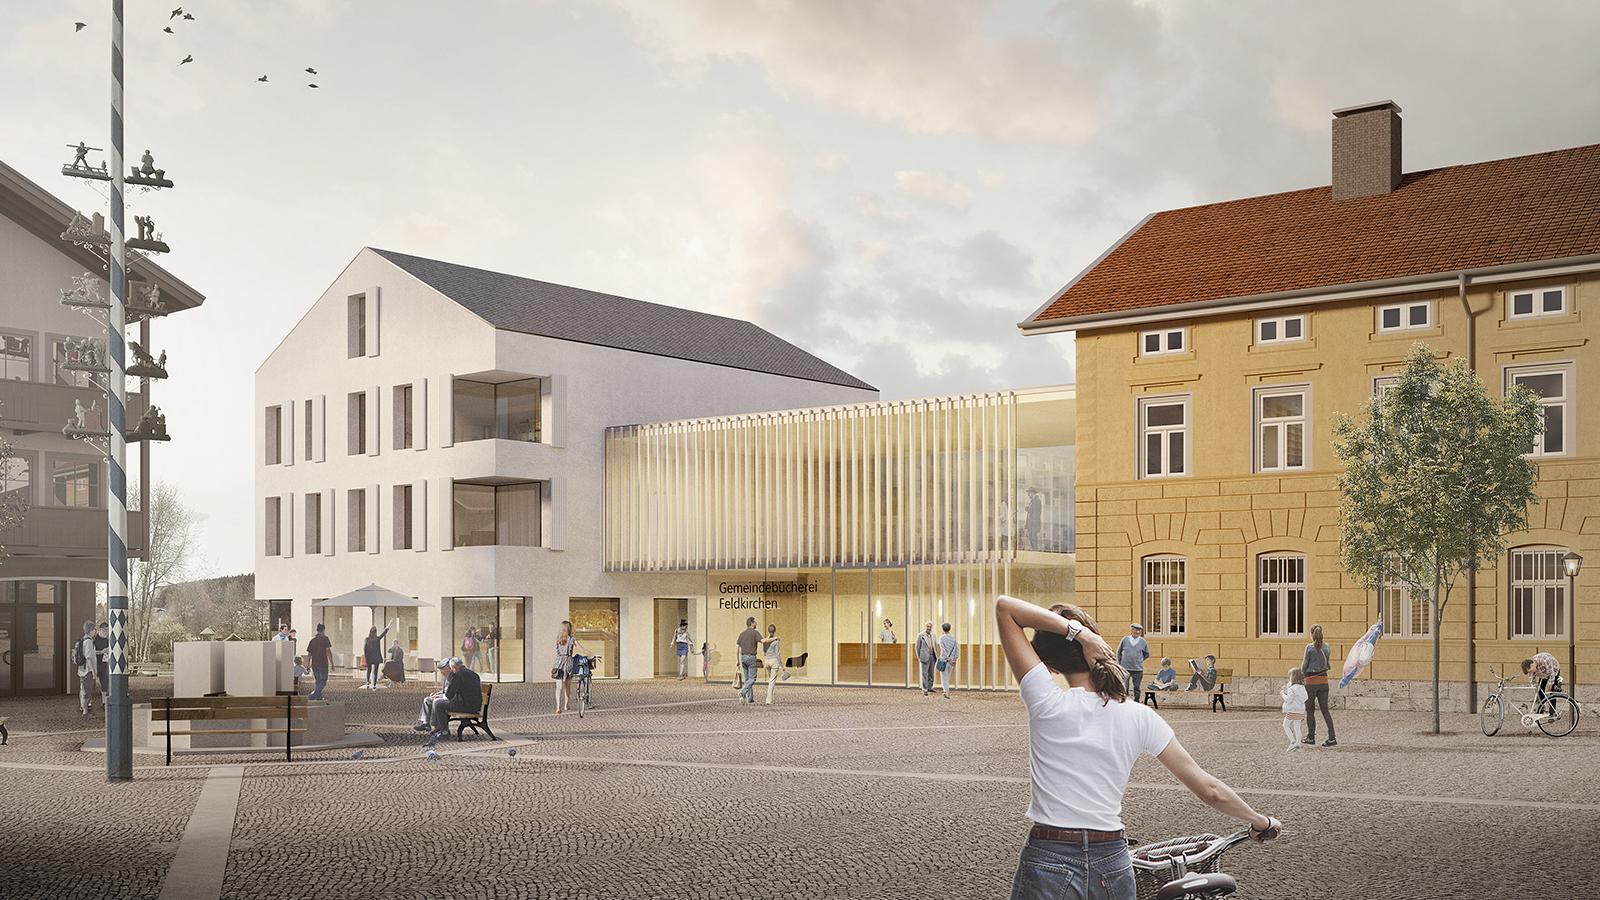 h2m-architekten-wb-feldkirchen-westerhamm-ortsmitte-visualisierung